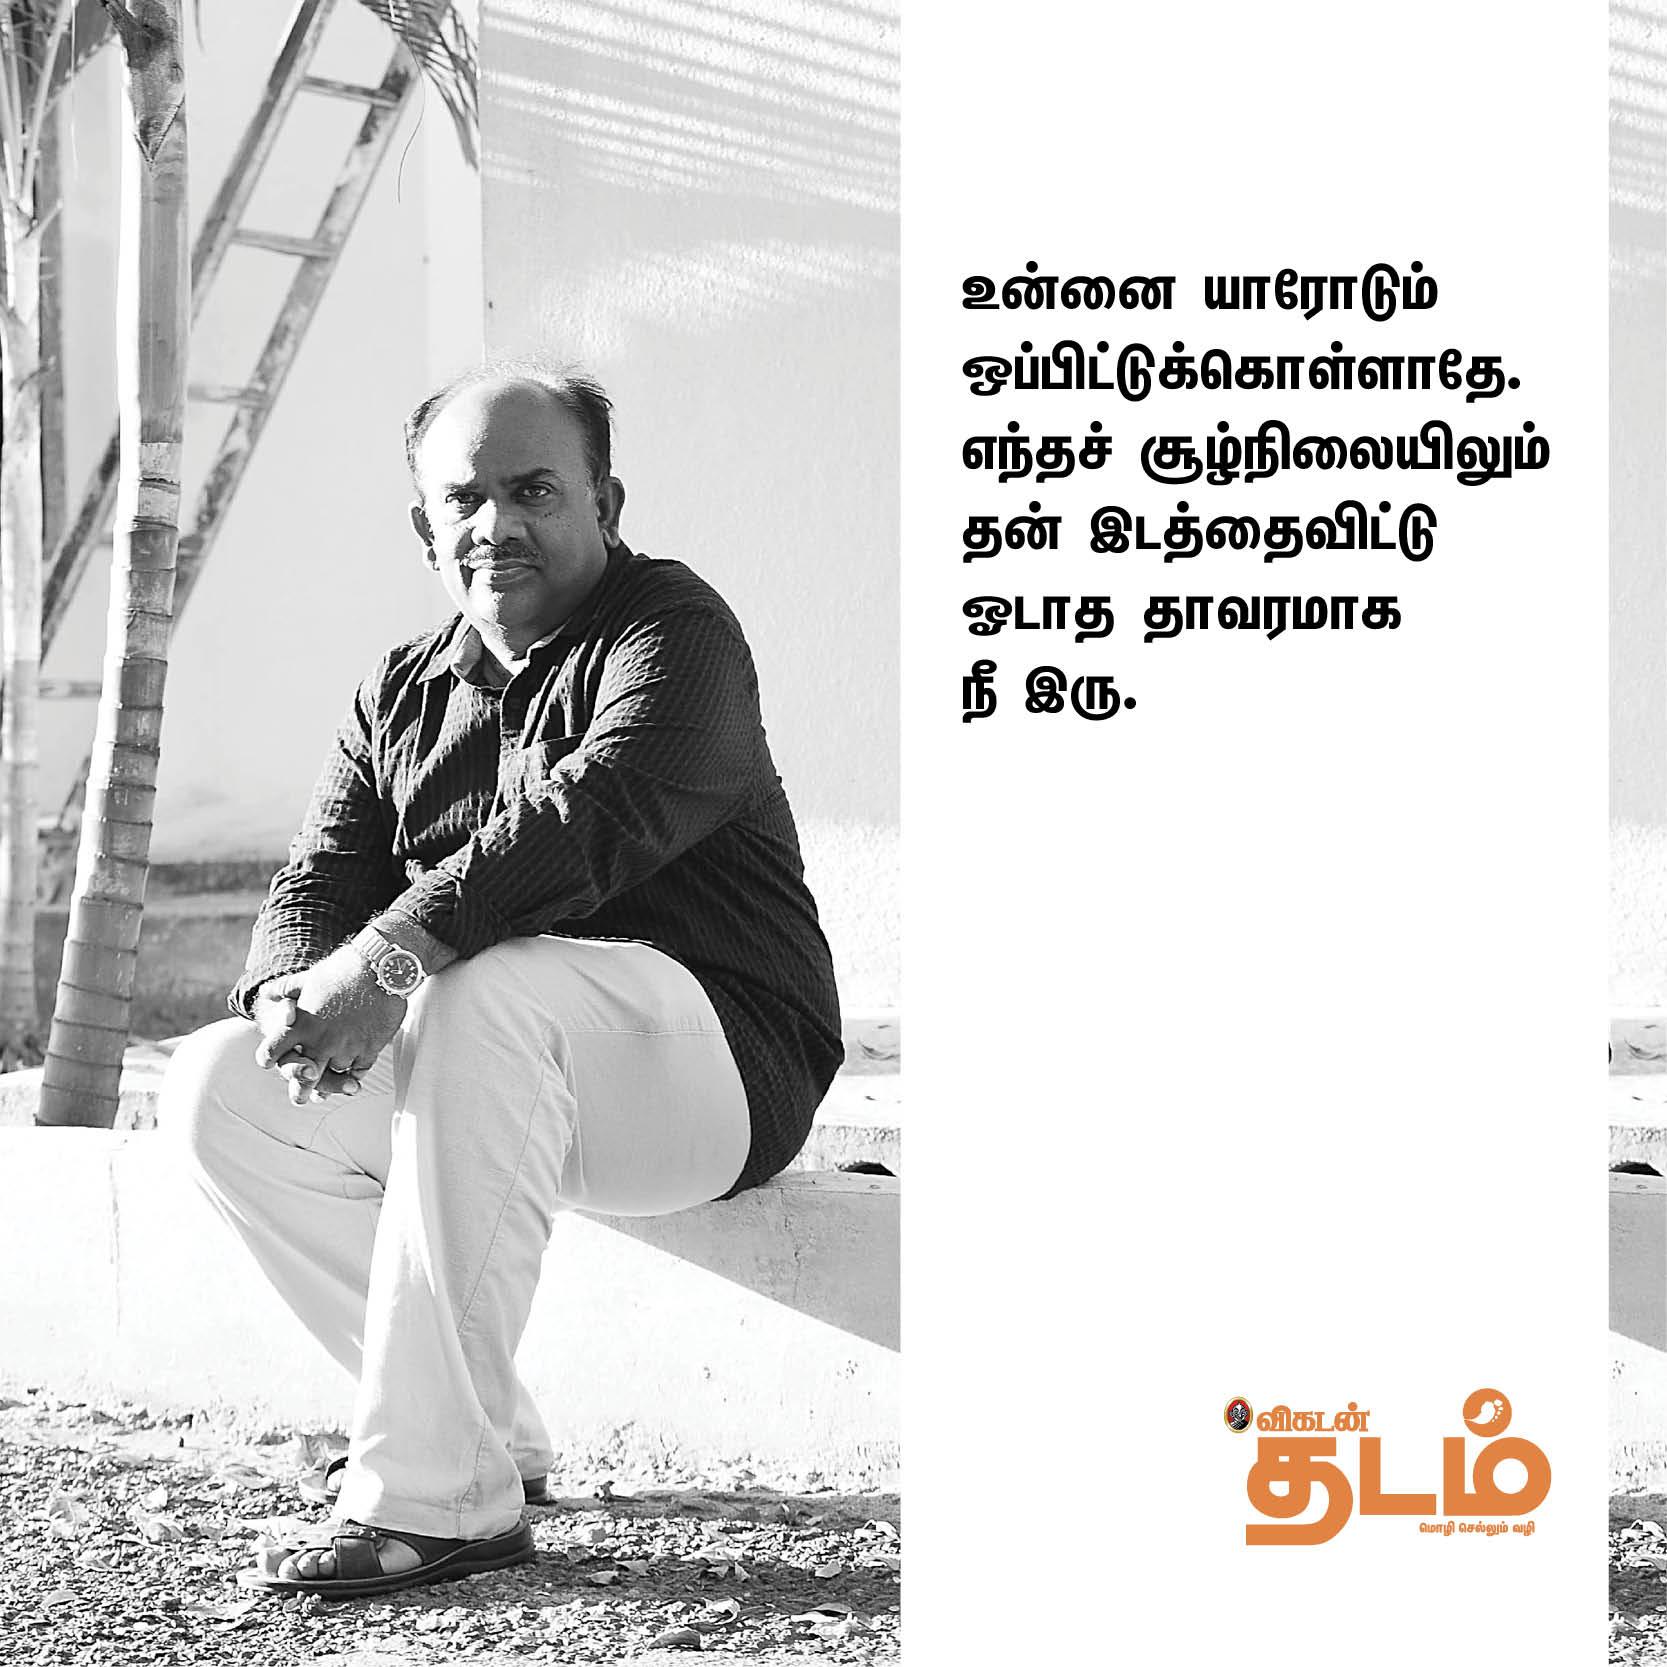 ``எல்லாவற்றிலும் கதை இருக்கிறது. கதை இல்லாத ஒரு பொருளை நான் சந்தித்ததே இல்லை!'' - எஸ்.ராமகிருஷ்ணன் #HBDSRamakrishnan